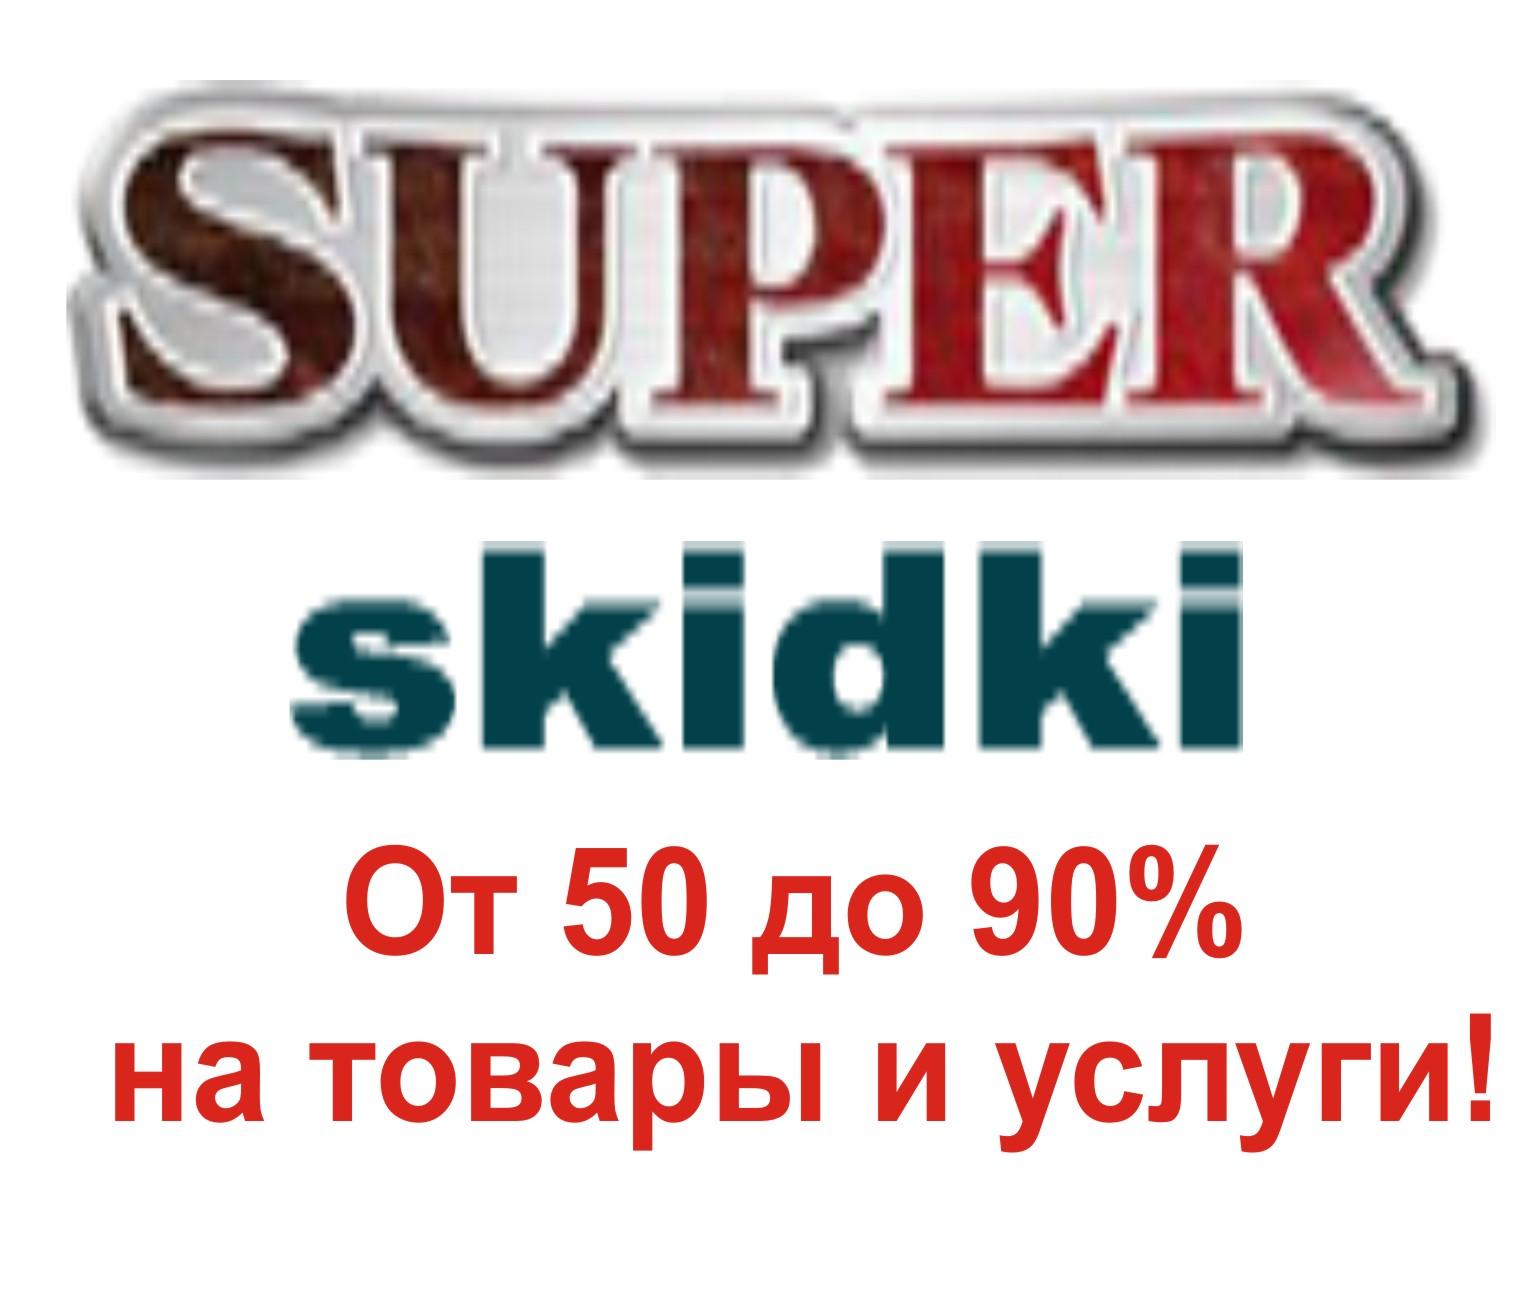 Супер скидки от 50% до 90% в Украине.